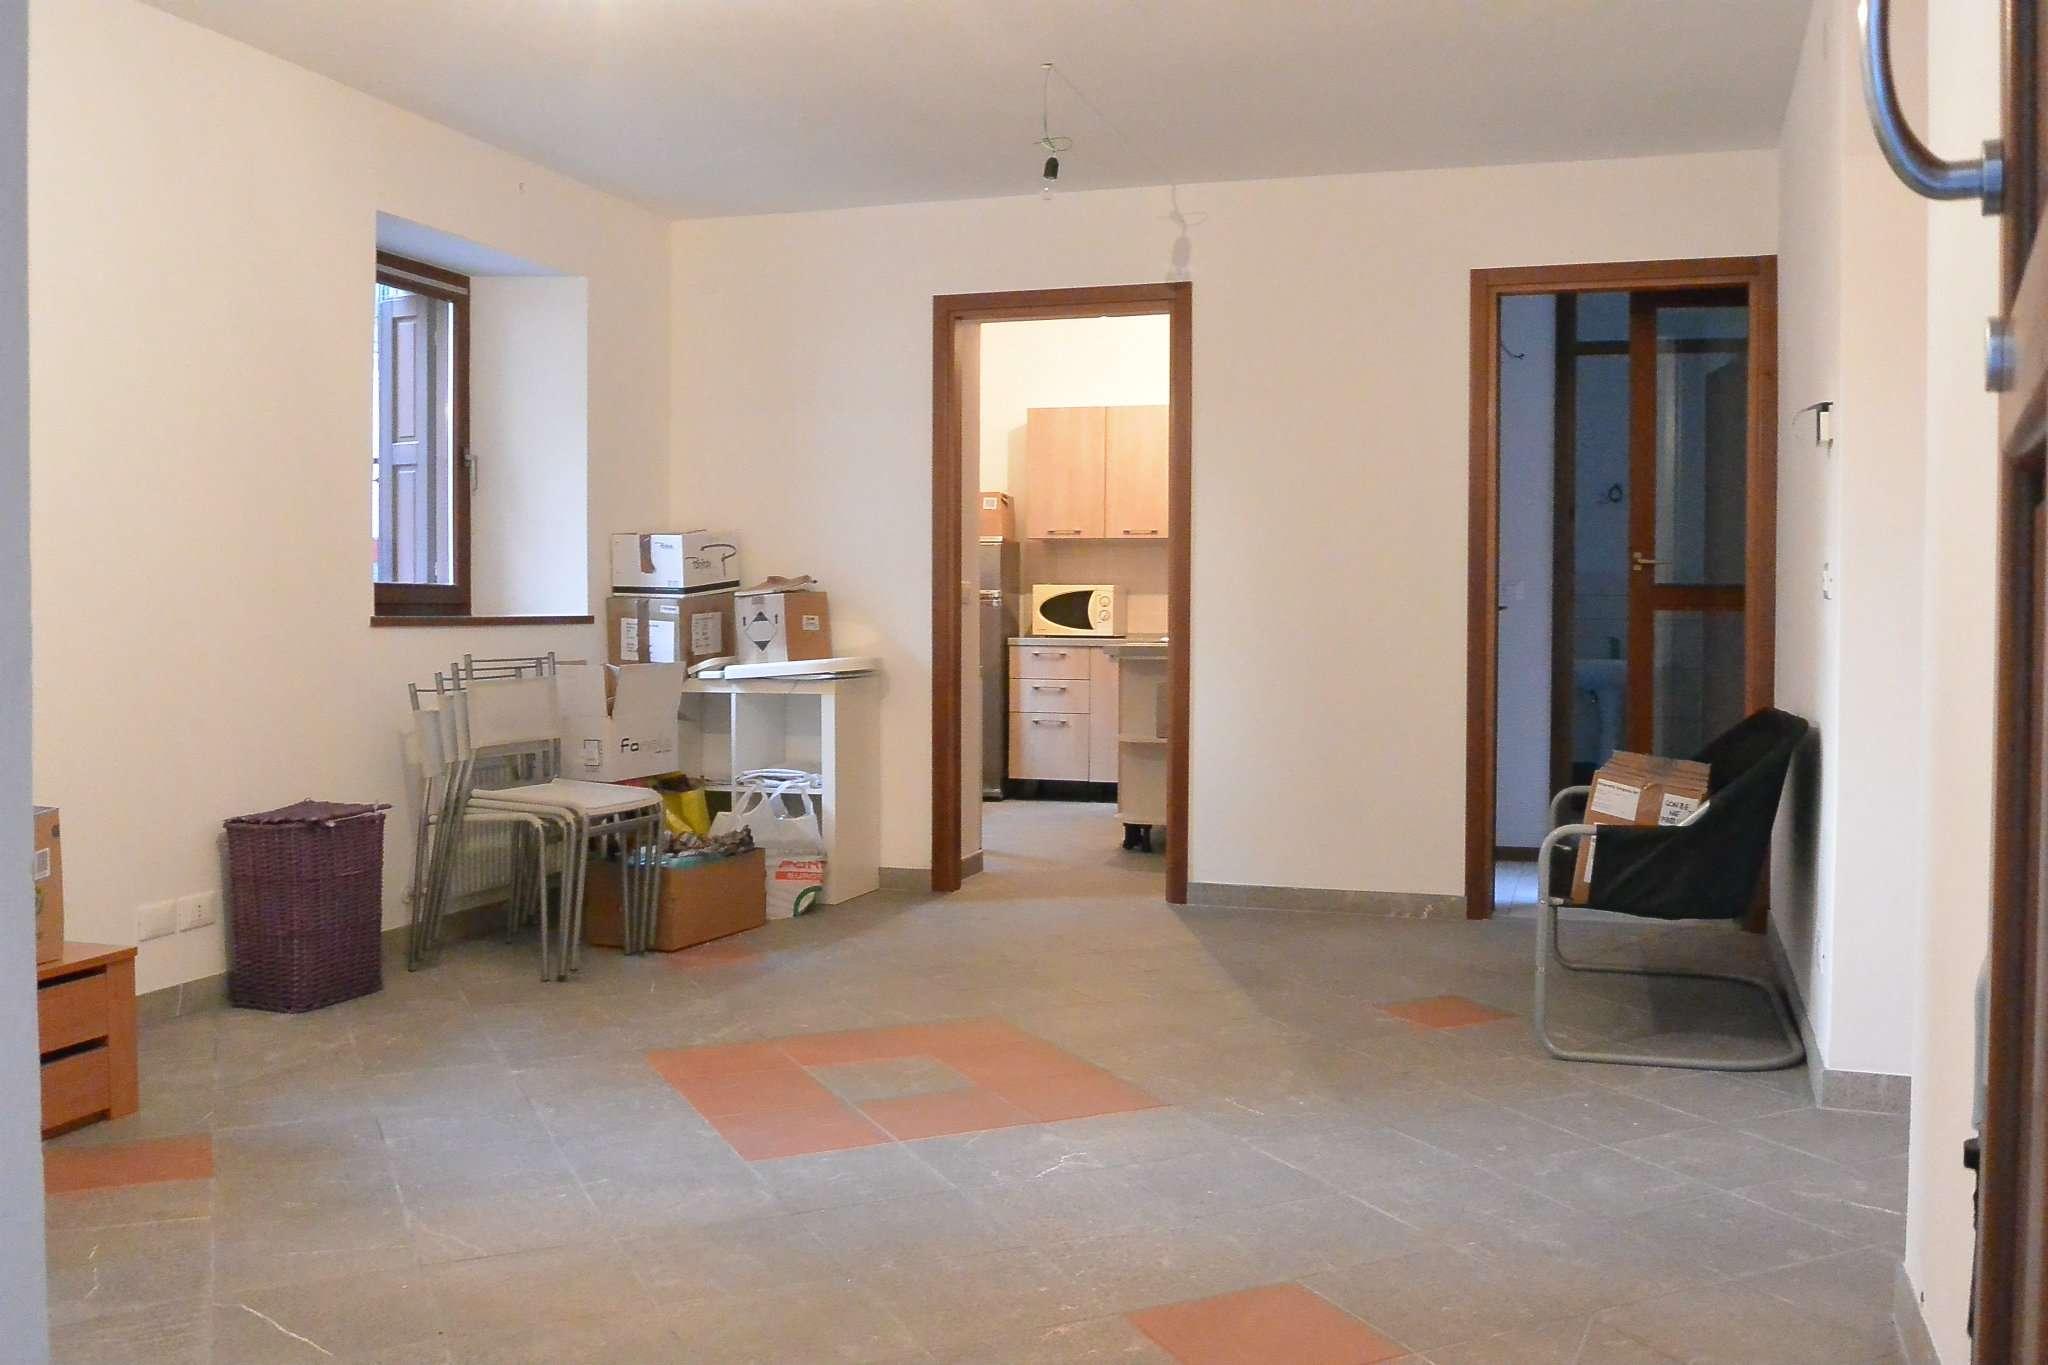 Appartamento in affitto a Cividale del Friuli, 5 locali, prezzo € 450 | Cambio Casa.it